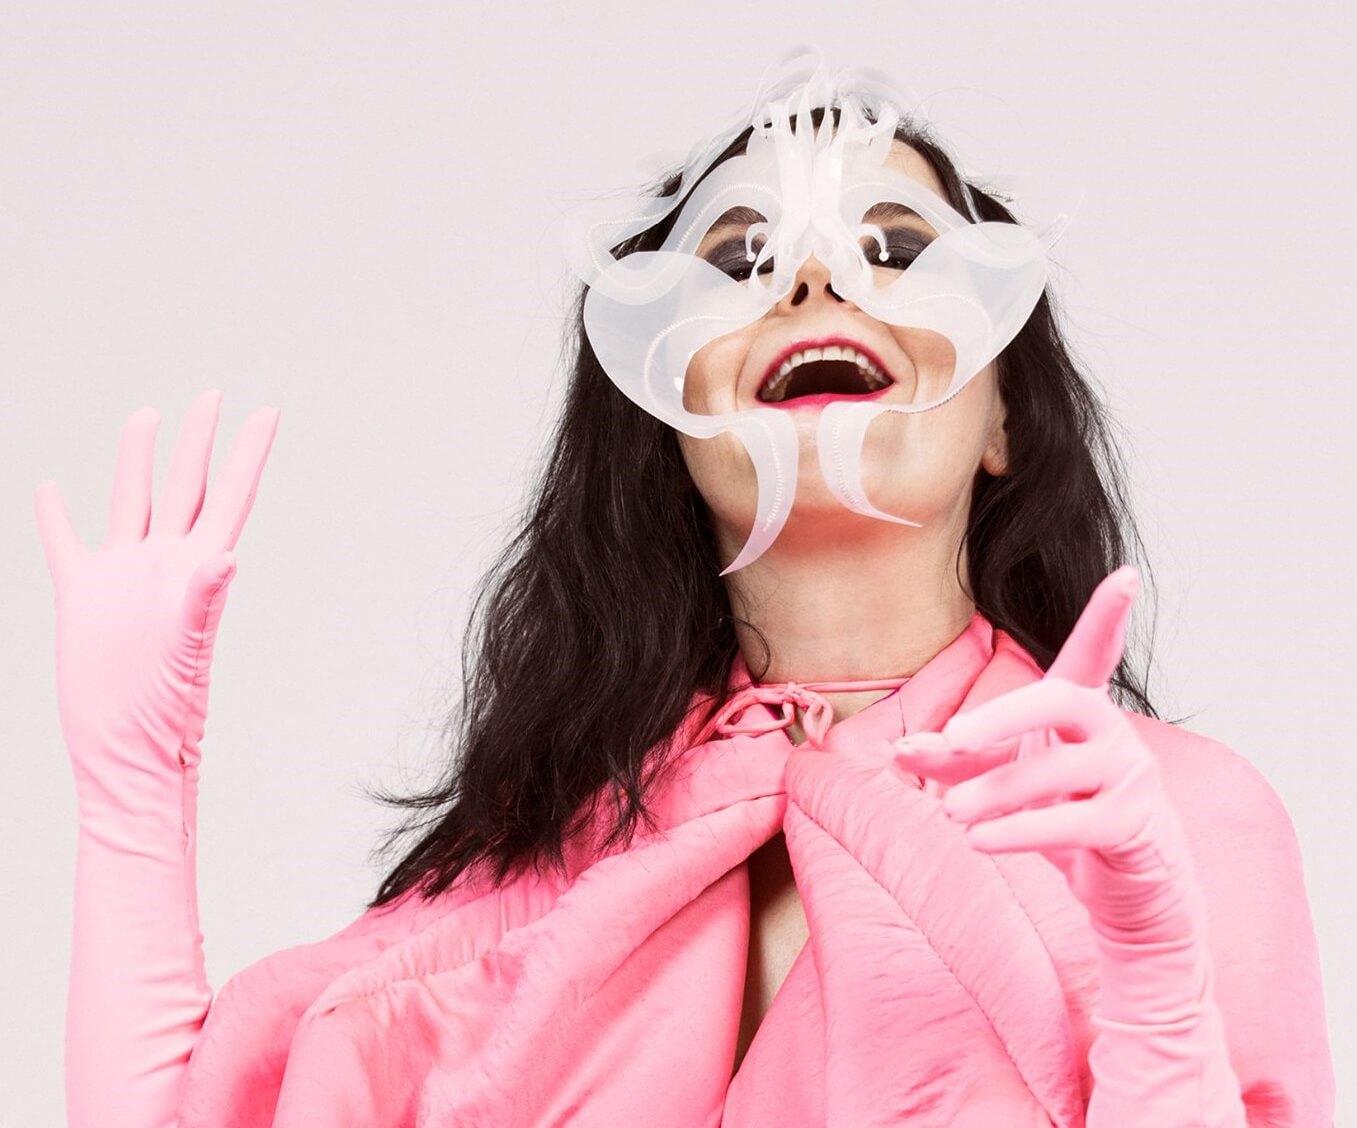 11 lanzamientos recientes que debes escuchar: Björk + C Tangana + Panic! At The Disco y más